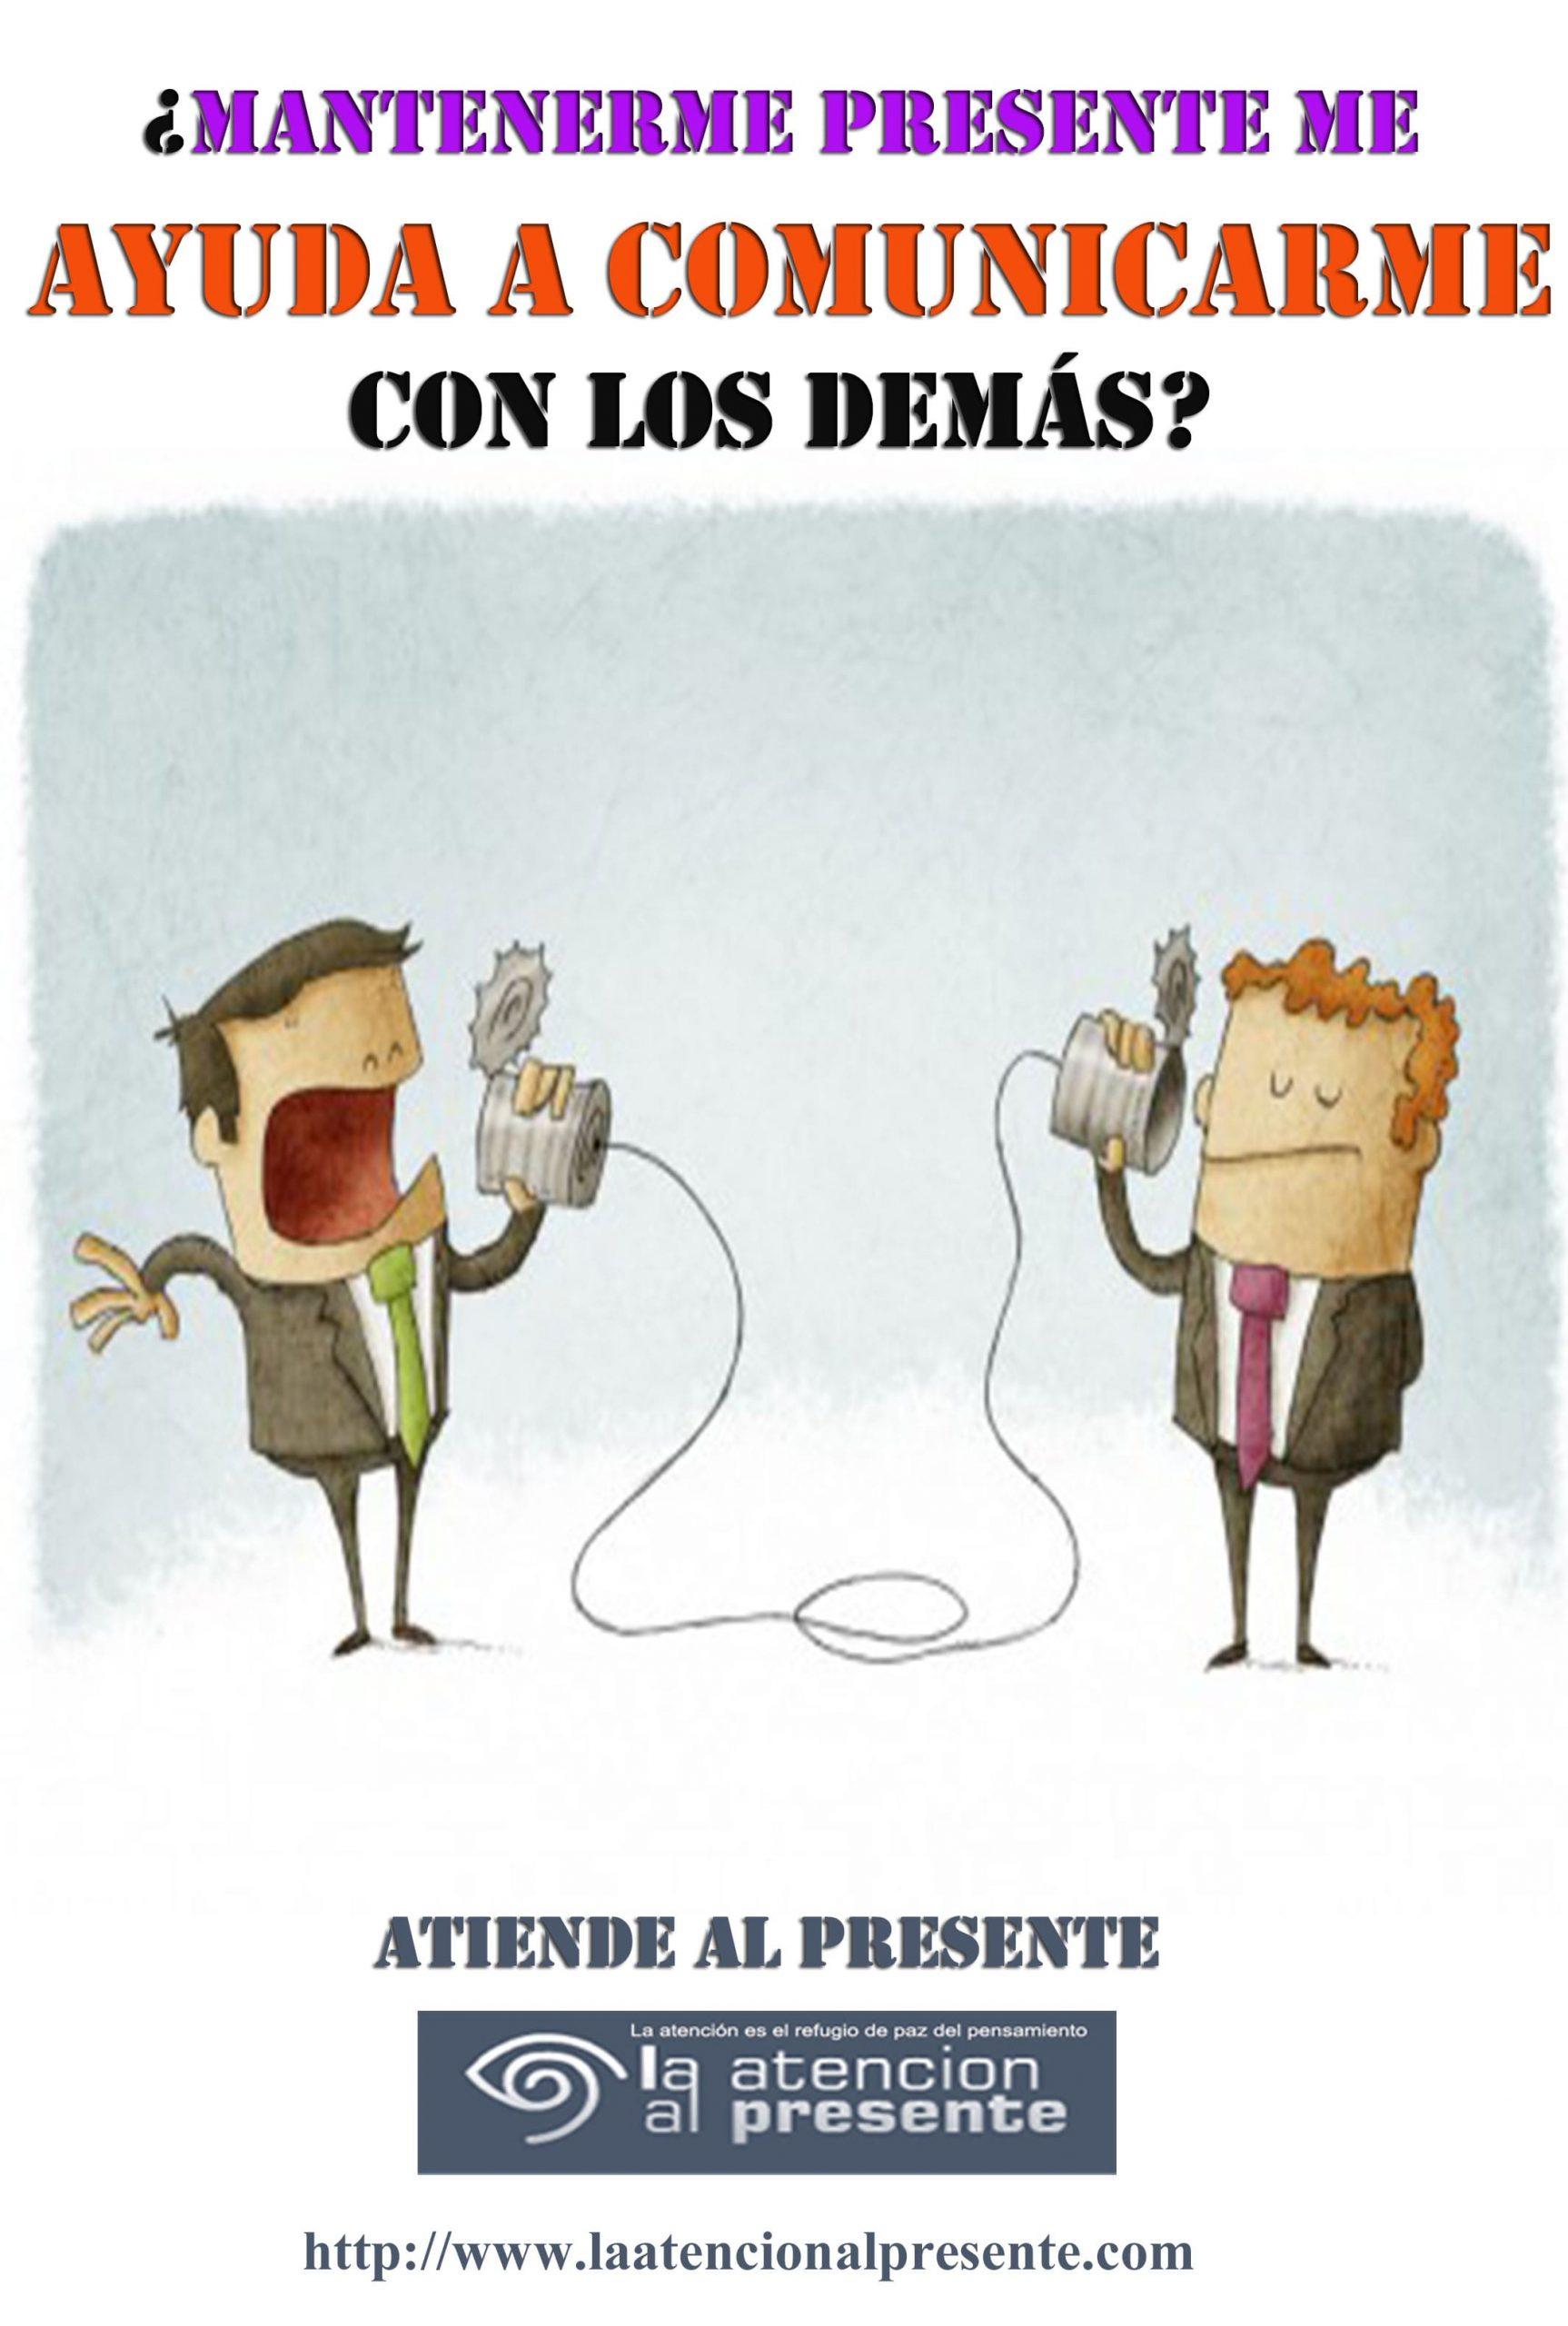 2 de noviembre Pepe Mantenerme presente mejora mi comunicacion con los demas min scaled